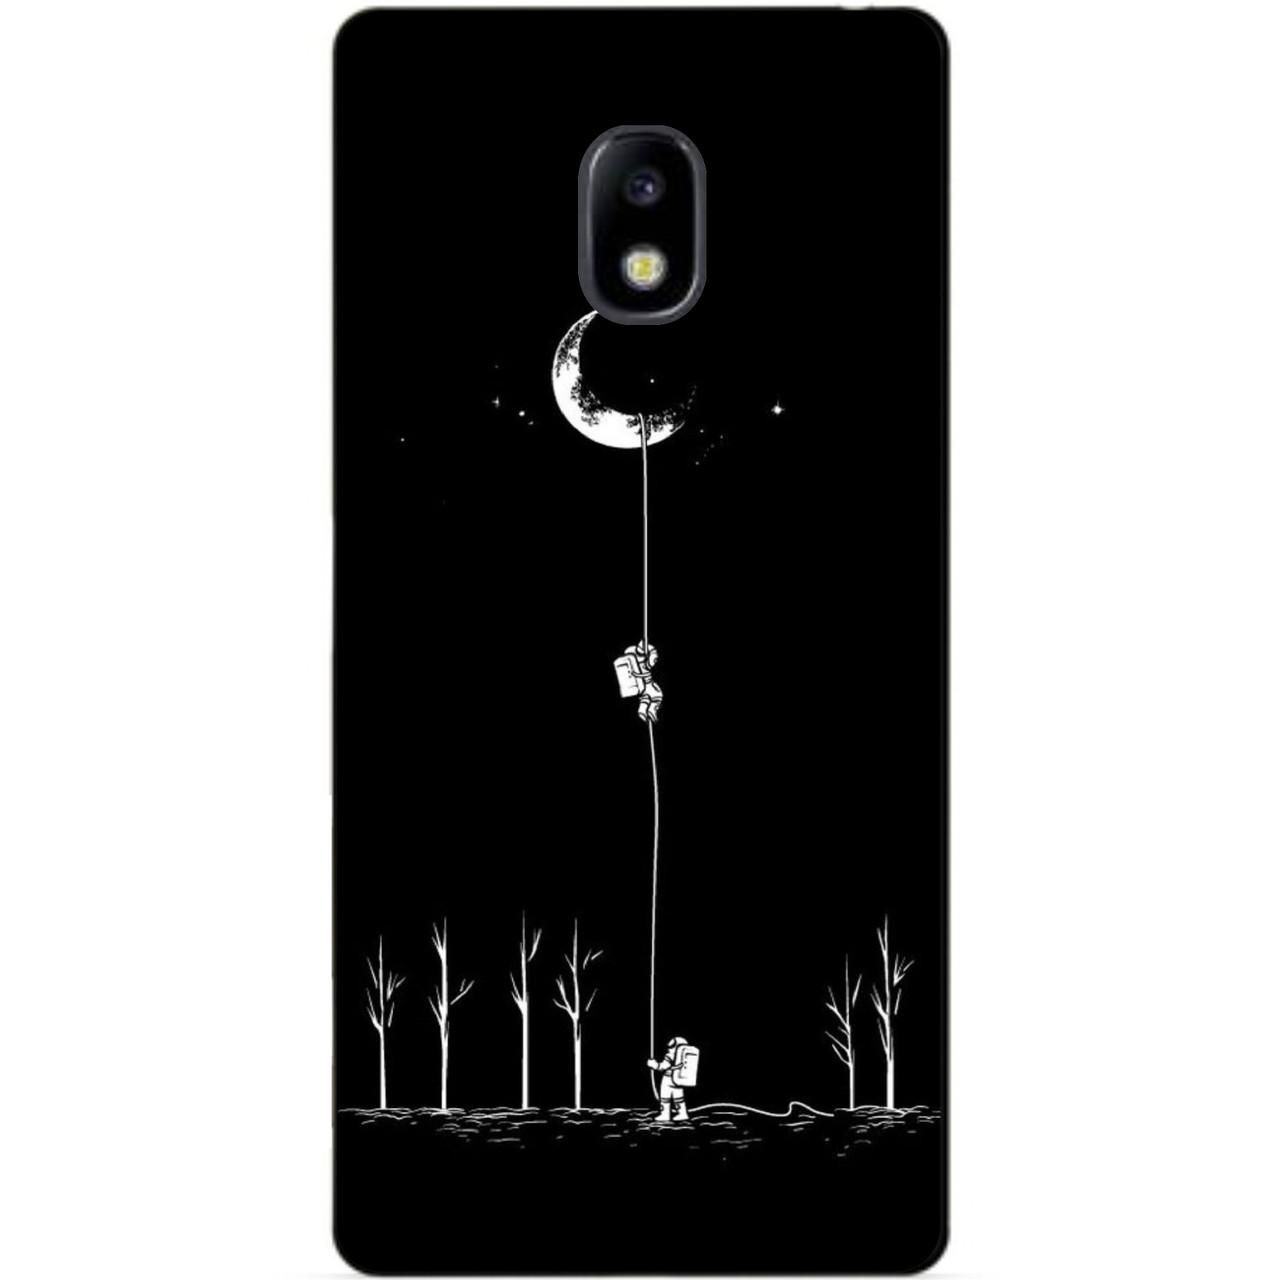 Силиконовый бампер чехол для Samsung J730 Galaxy J7 2017 года с рисунком Путь к Луне